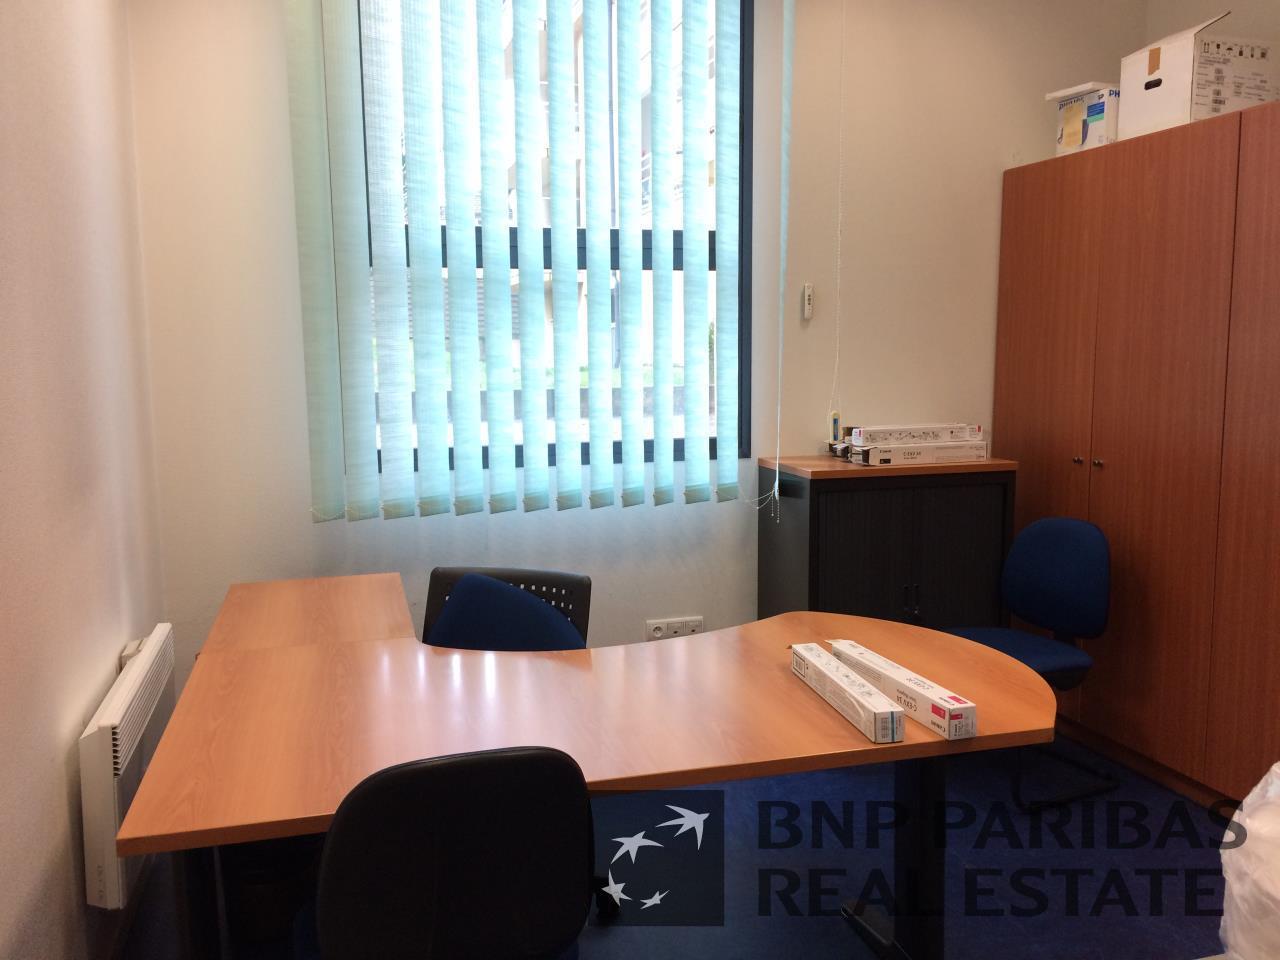 Location bureau m² u bureauxlocaux